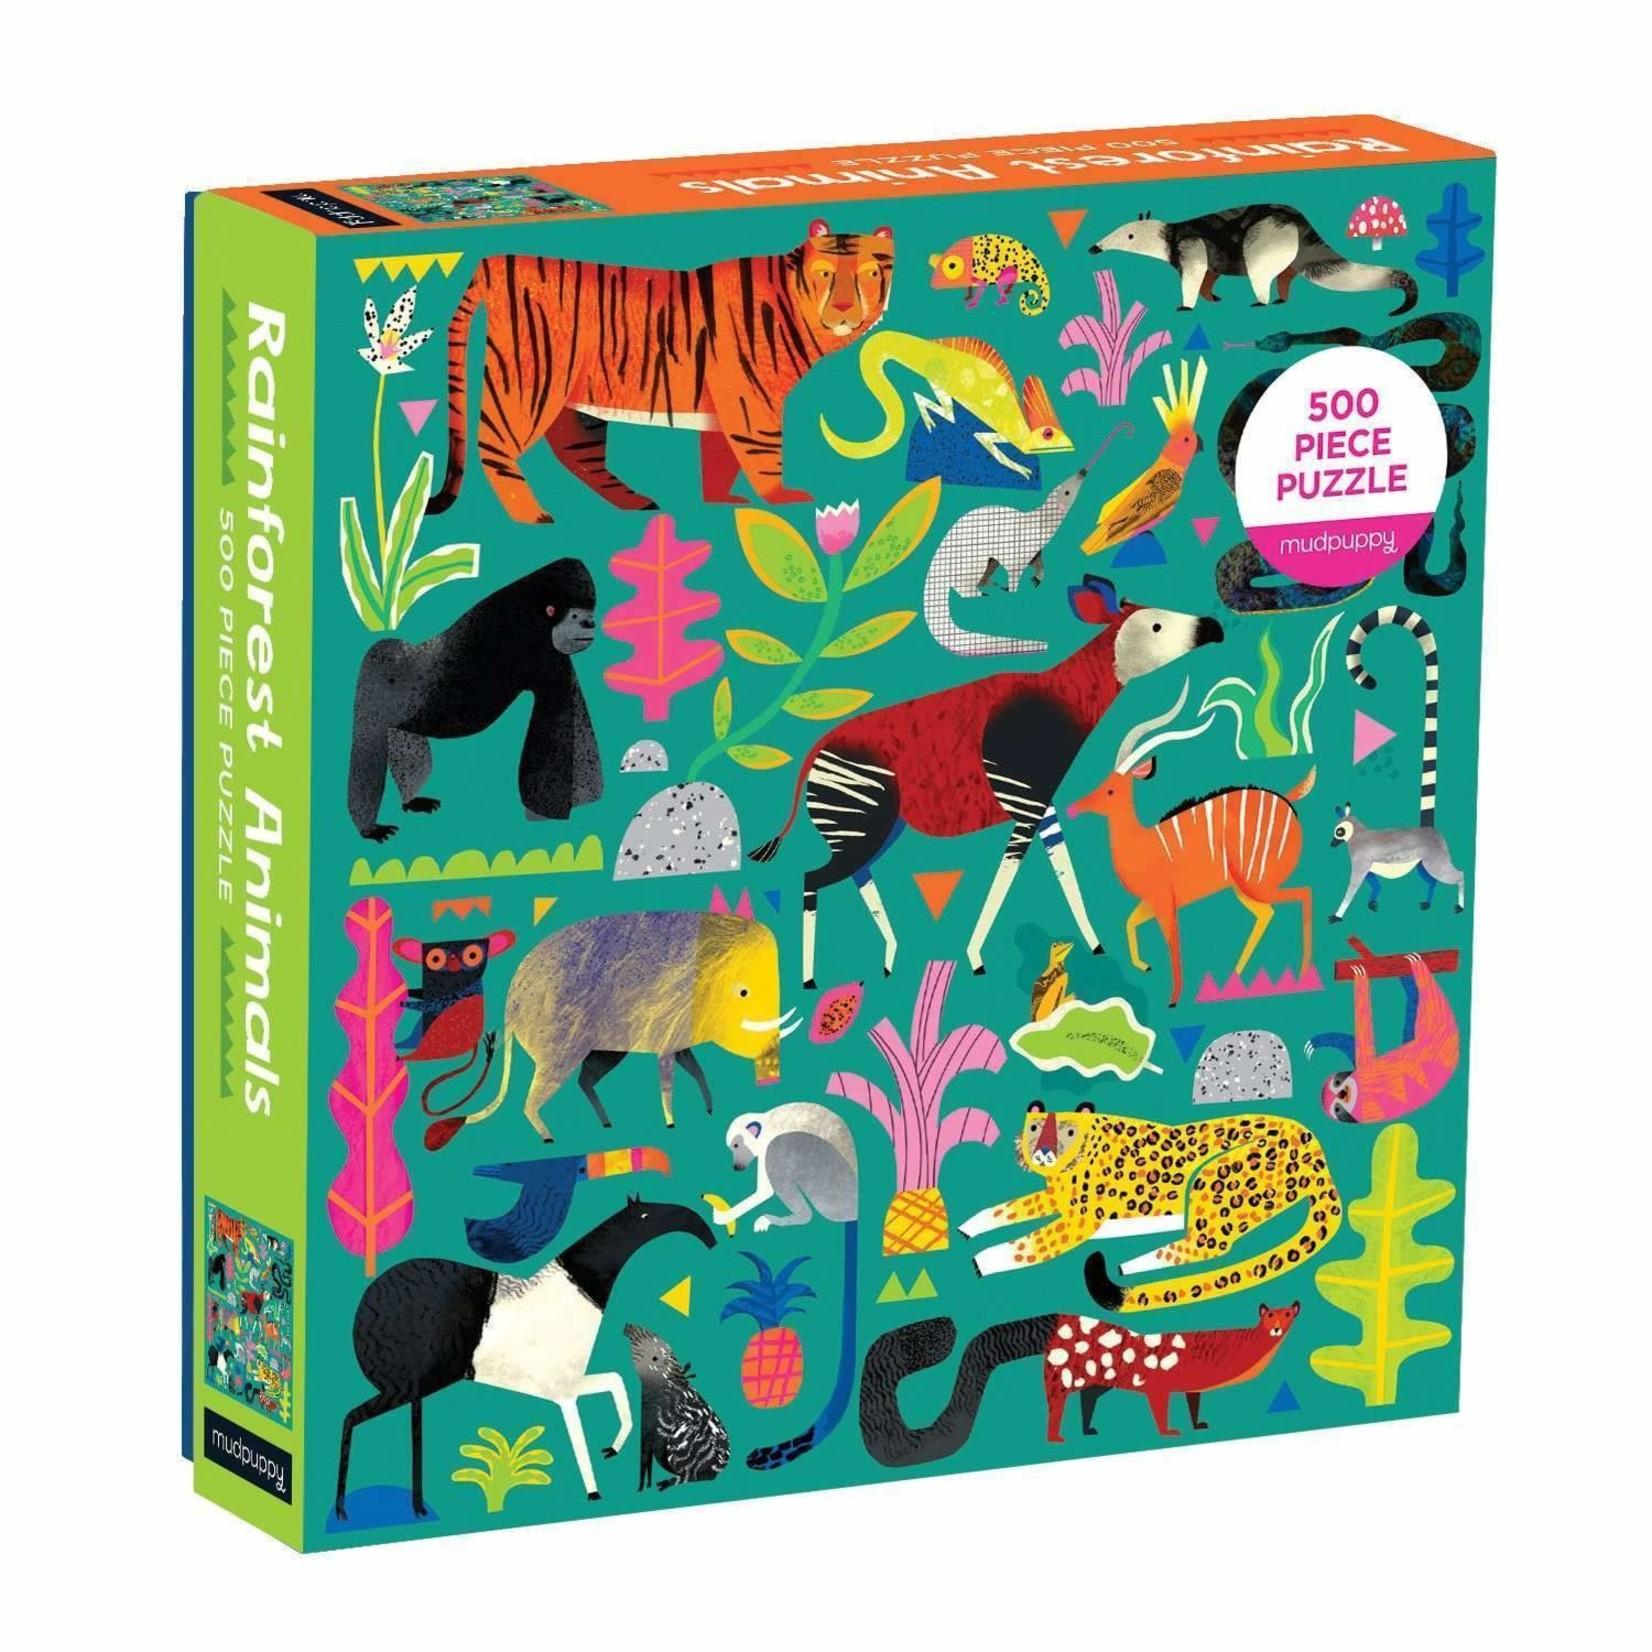 Mudpuppy Mudpuppy - 500 Piece Puzzle: Rainforest Animals